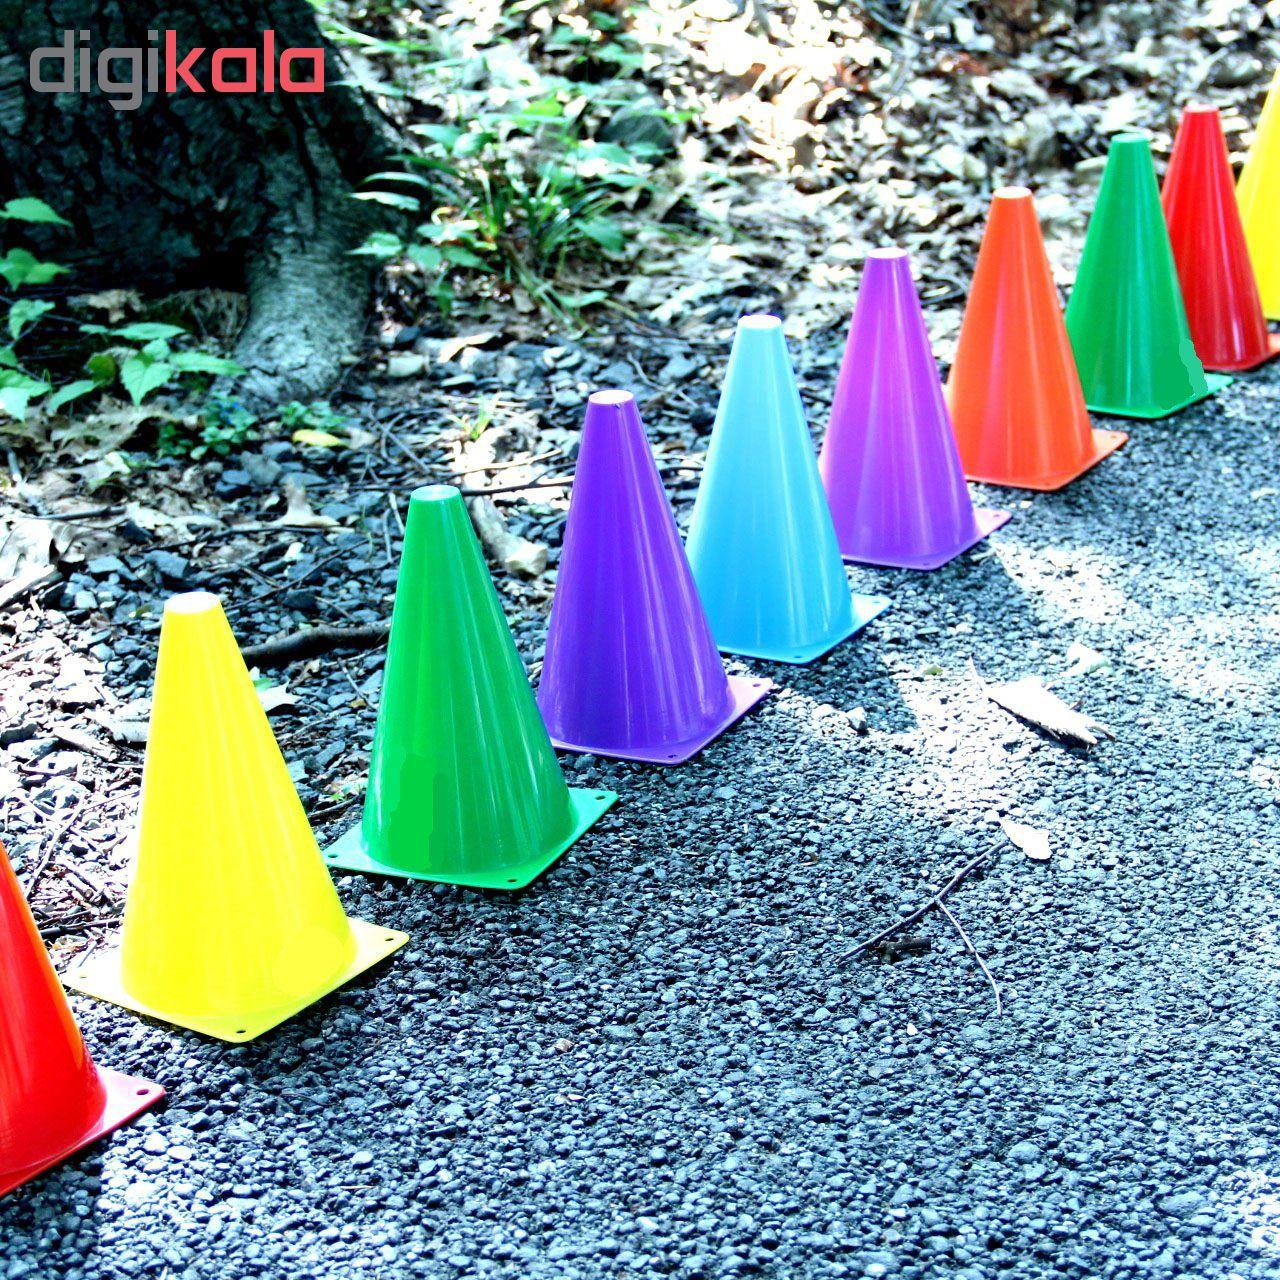 مانع تمرین مدل Training Cones 2020 در 5 رنگ مجموعه 15 عددی به همراه پاوربالانس main 1 5